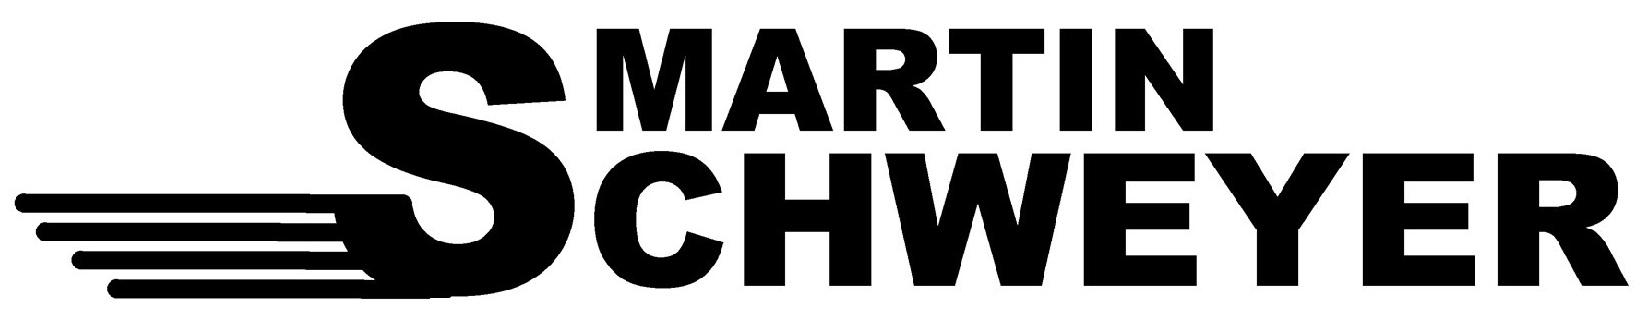 Martin Schweyer